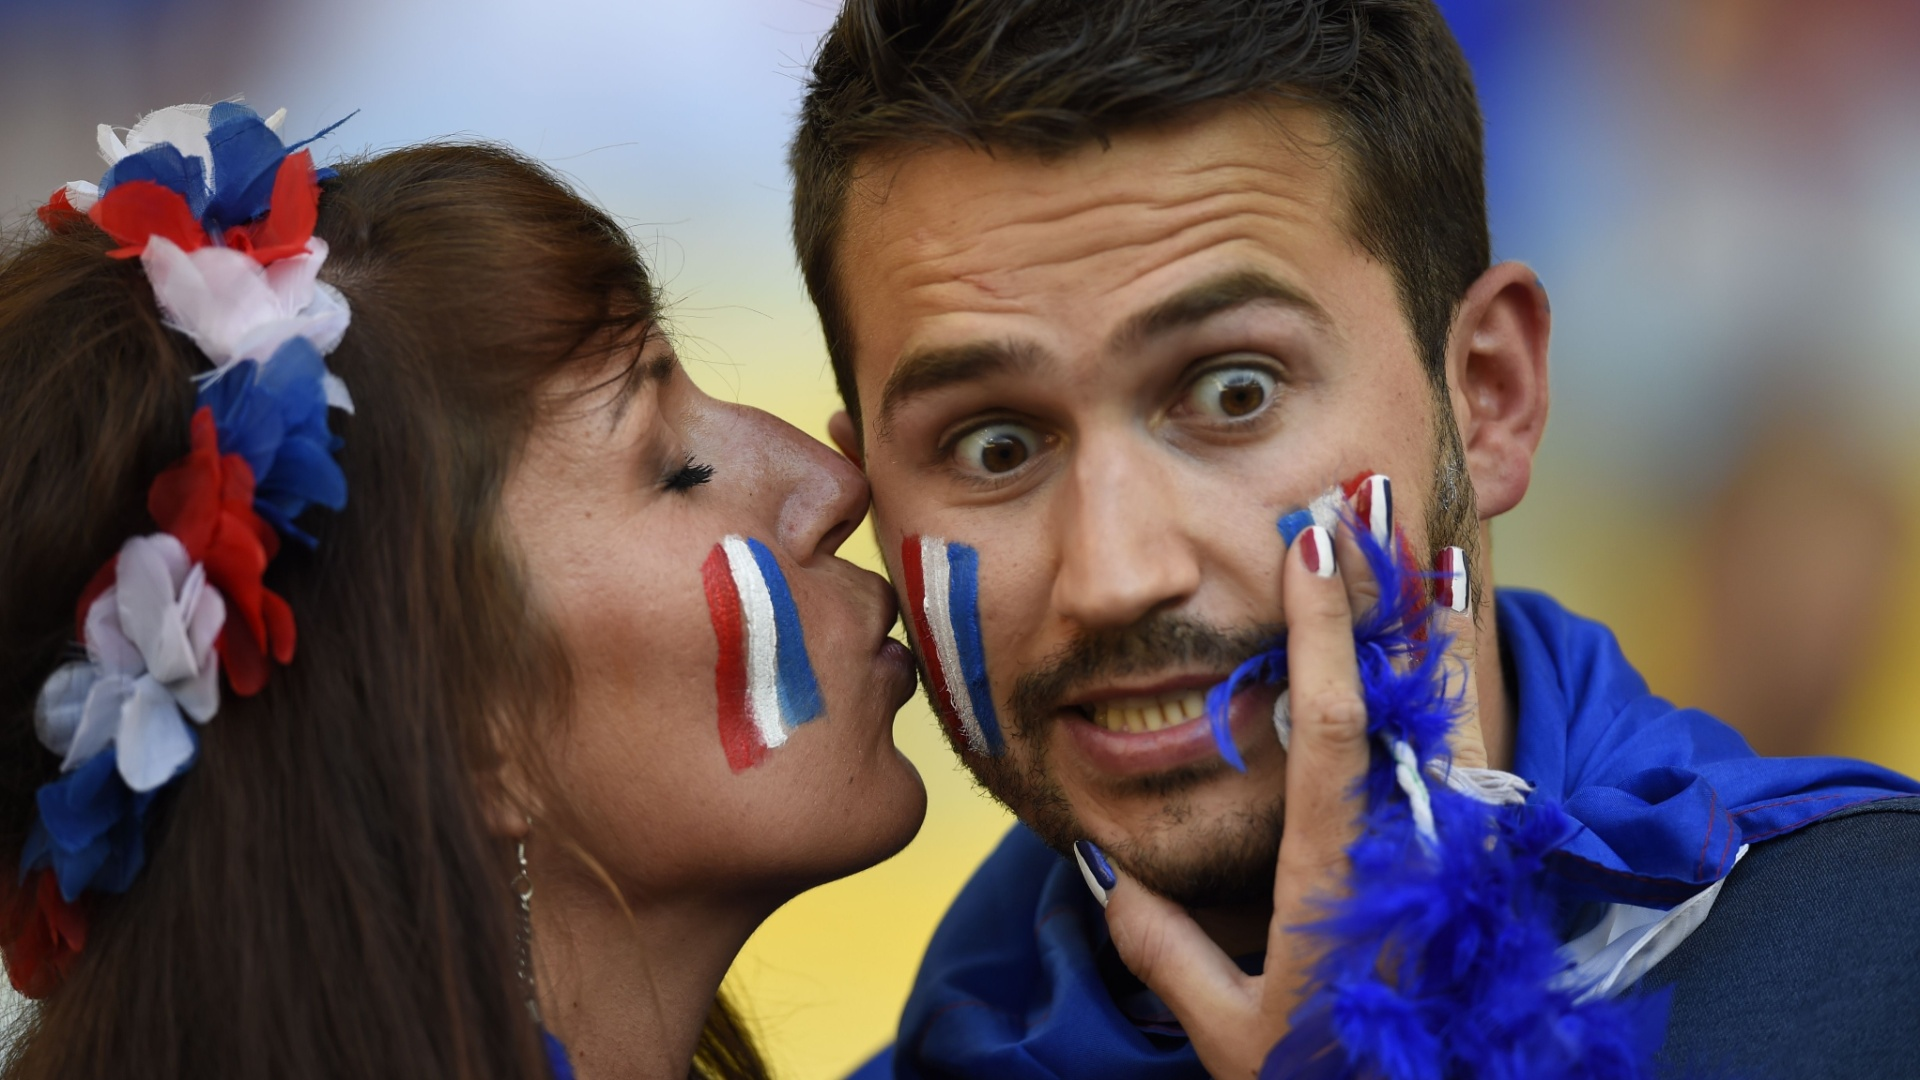 O sortudo não viu um gol francês no Maracanã, mas ganhou um beijo da musa da torcida